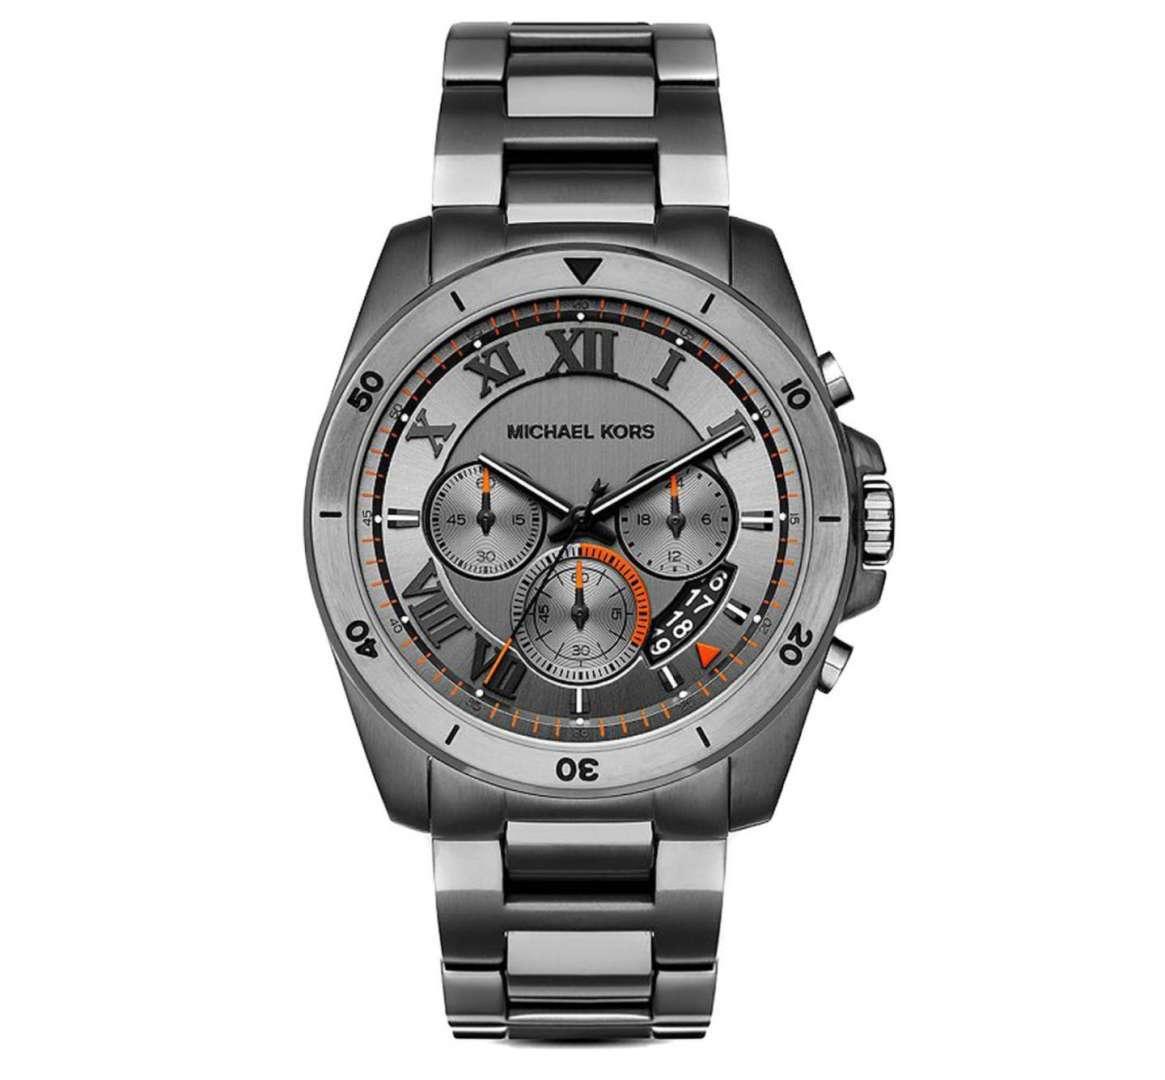 שעון יד אנלוגי לגבר michael kors mk8465 מייקל קורס